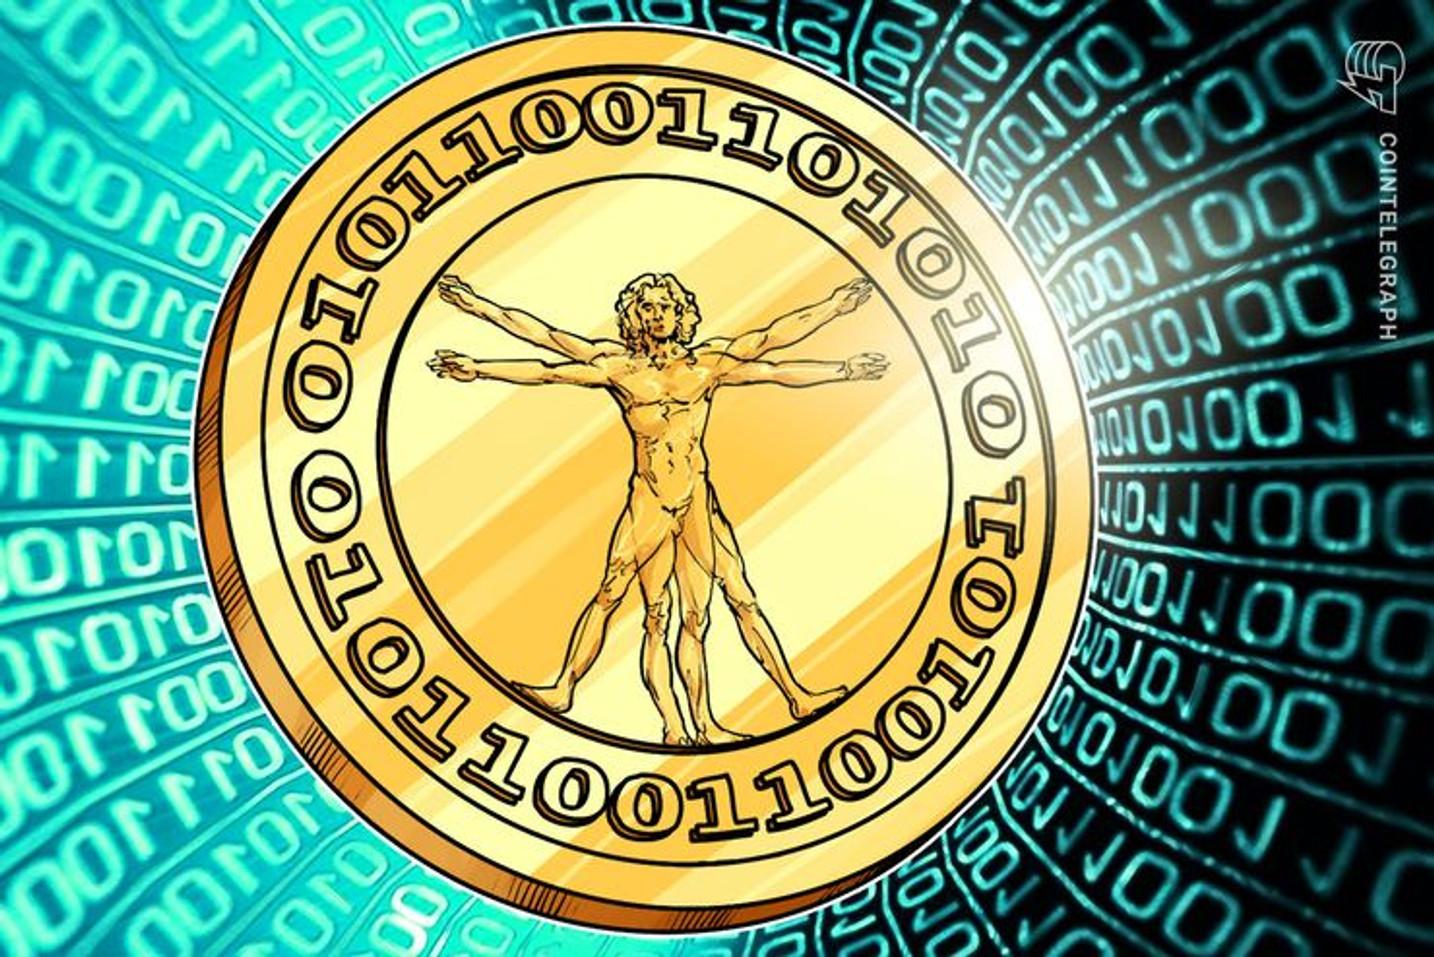 フィデリティ報道に仮想通貨相場の反応は限定的 どう消化すべき?